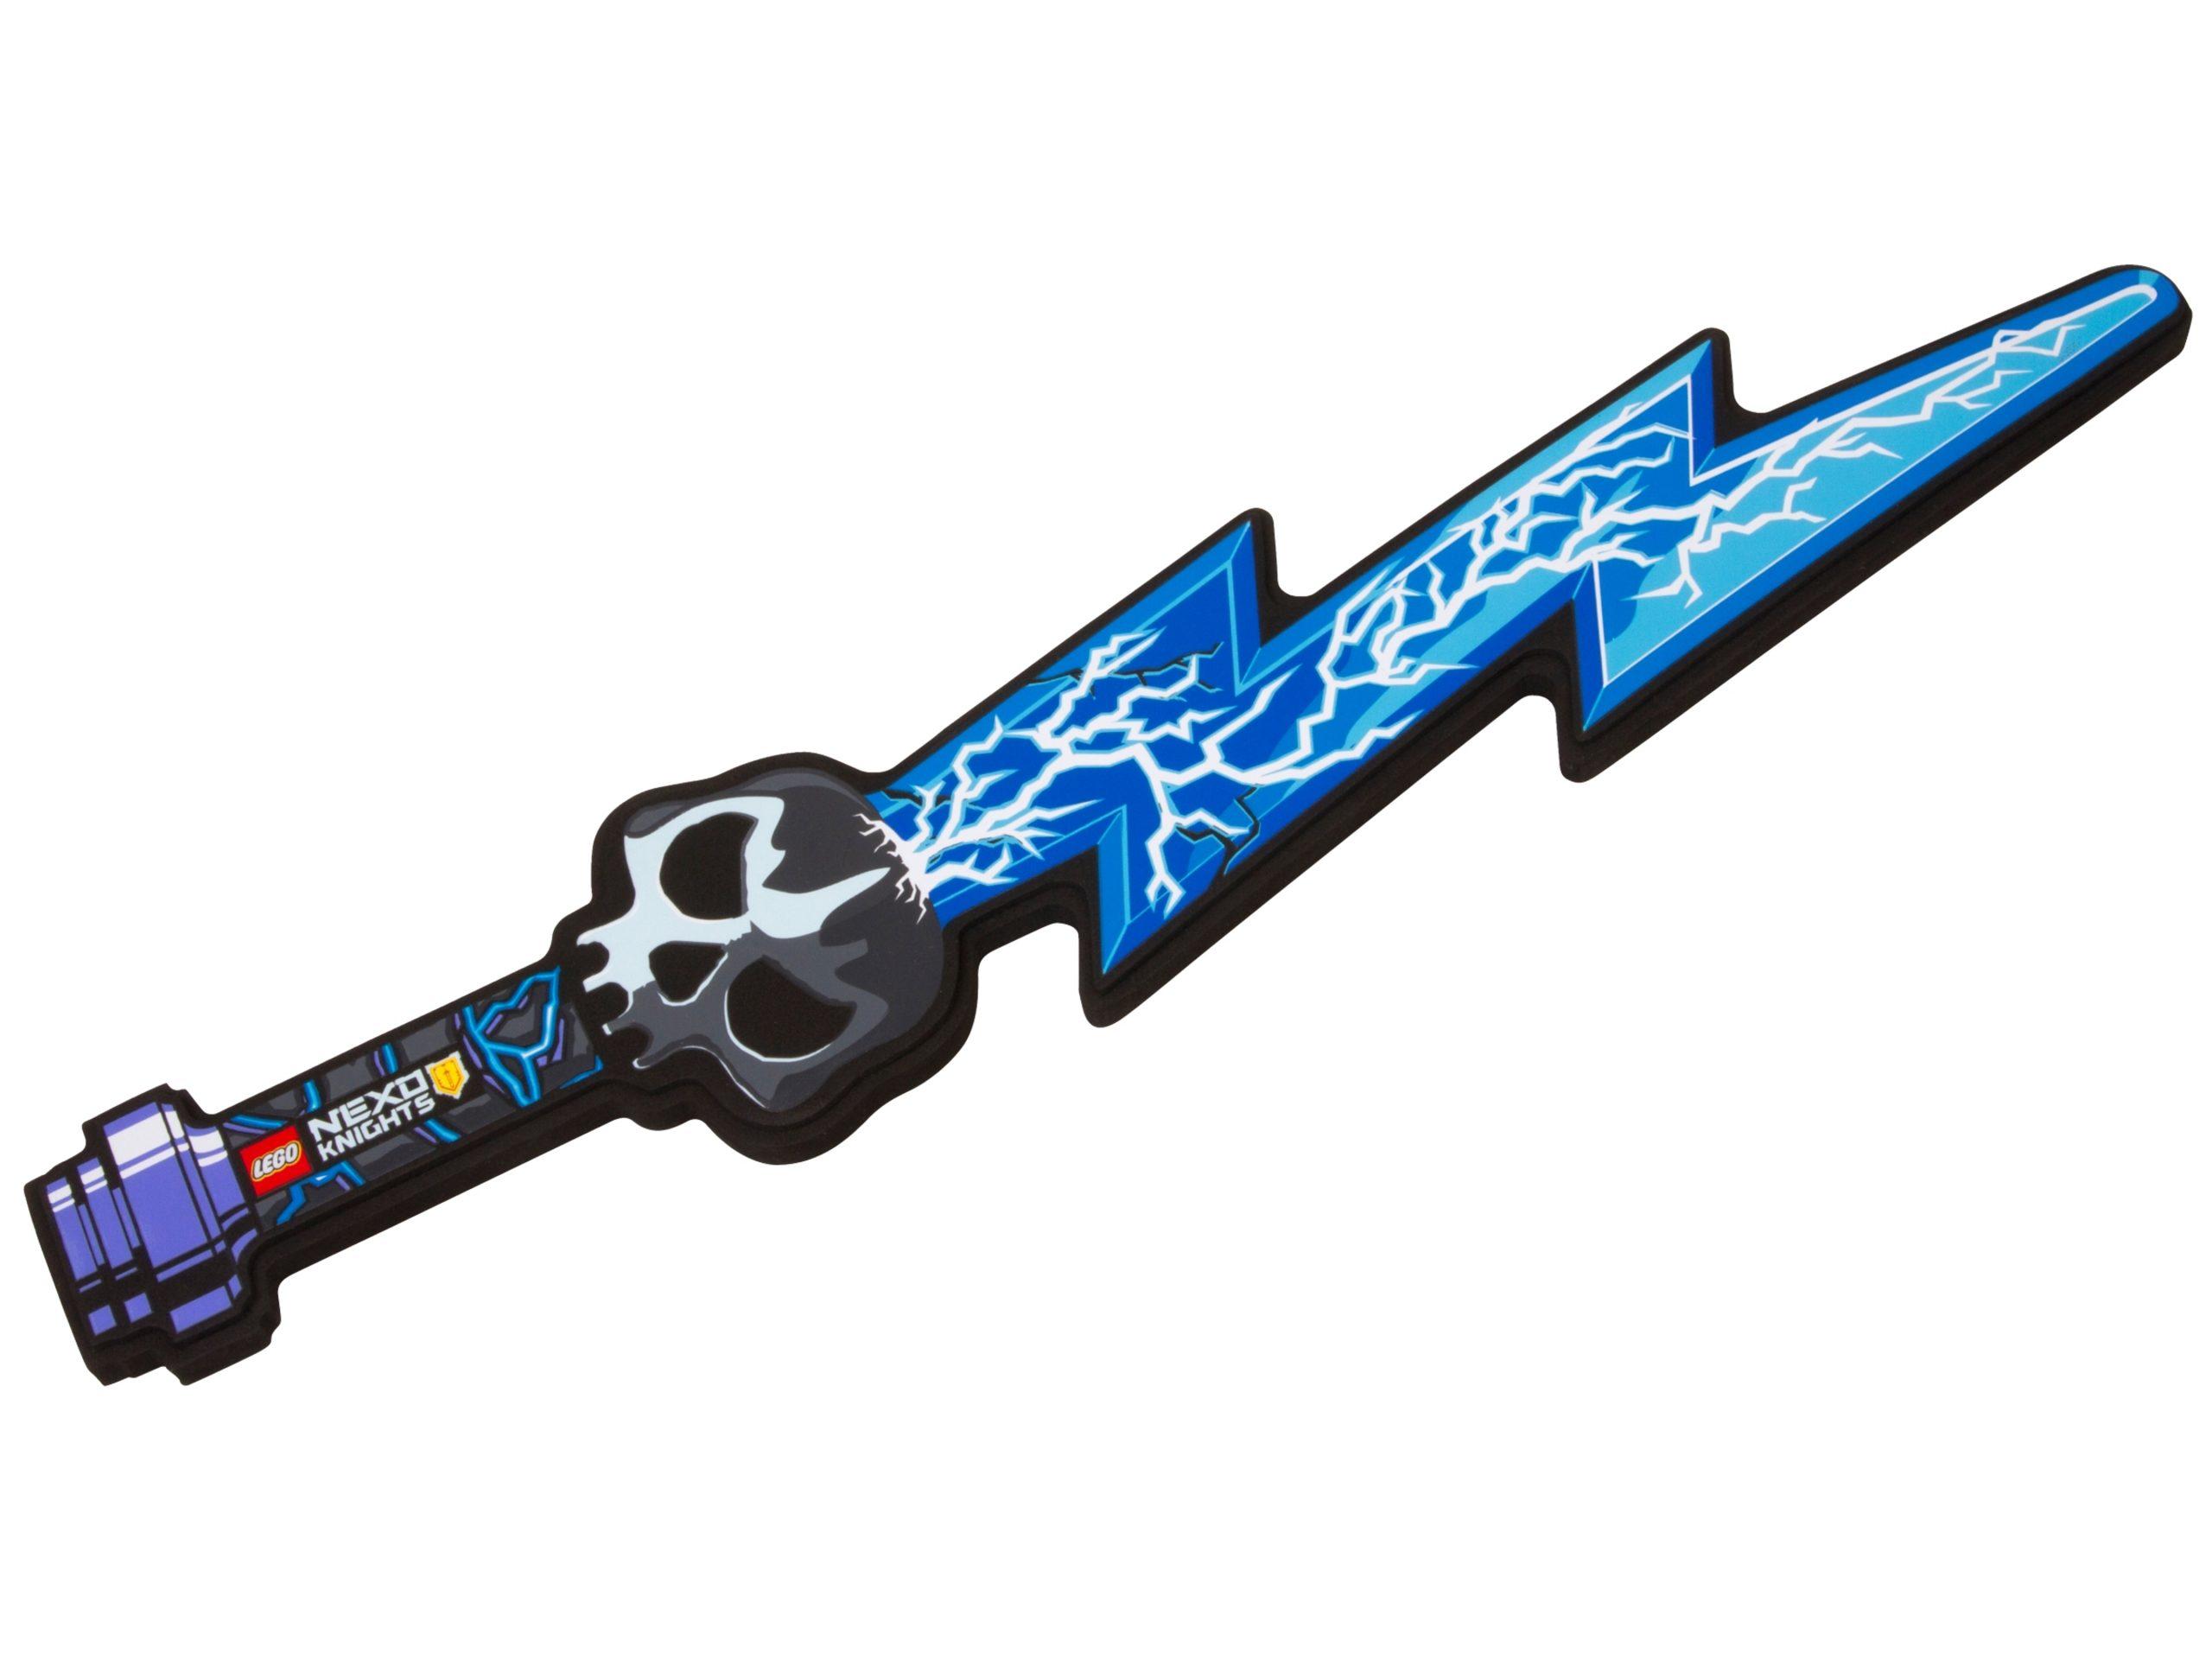 lego 853678 nexo knights jestros sword scaled